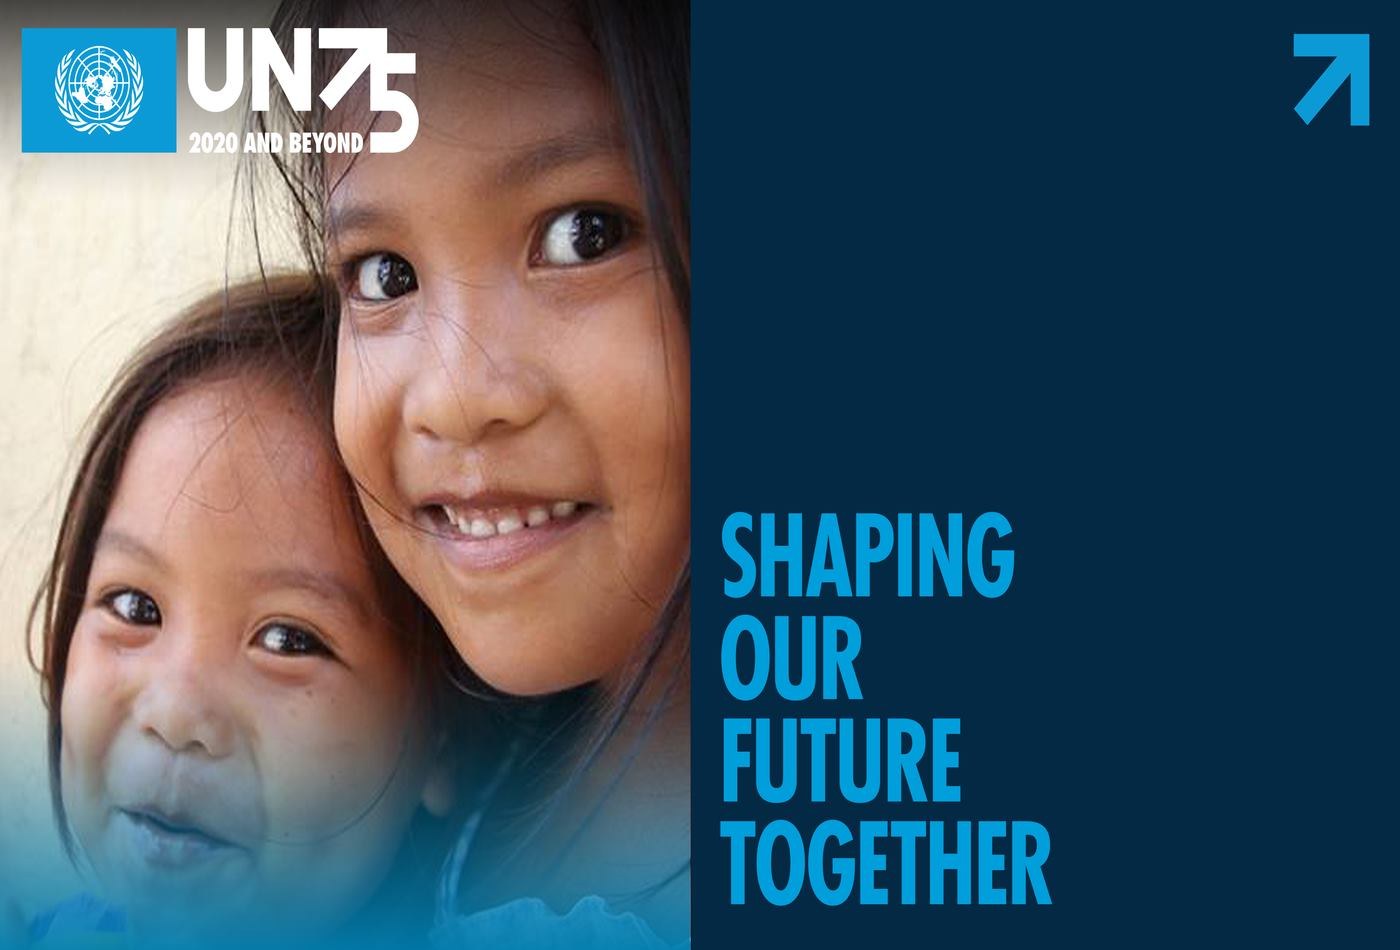 UN and ASAN Radio promote UN75 initiative in Azerbaijan